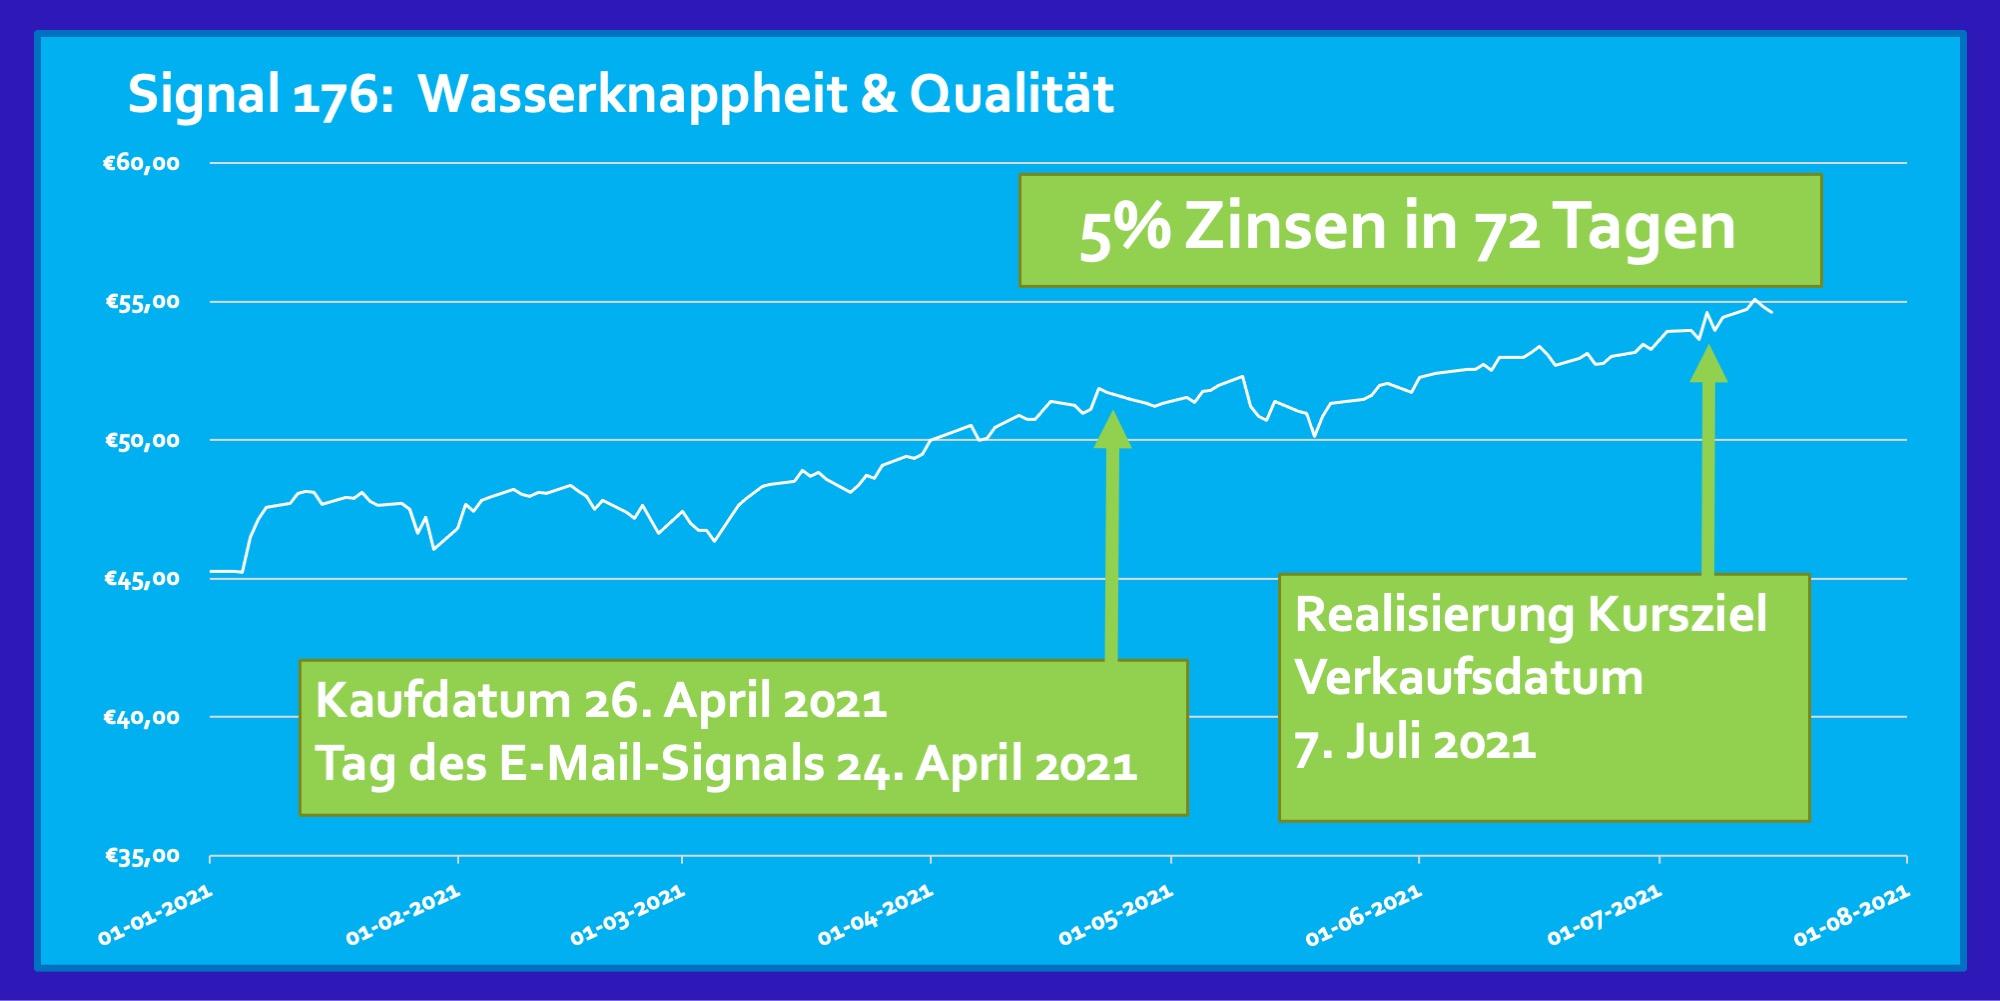 Signal 176 April 2021 ETF Wasserknappheit & Qualität 5 Prozent Zinsen Rendite in 72 Tagen